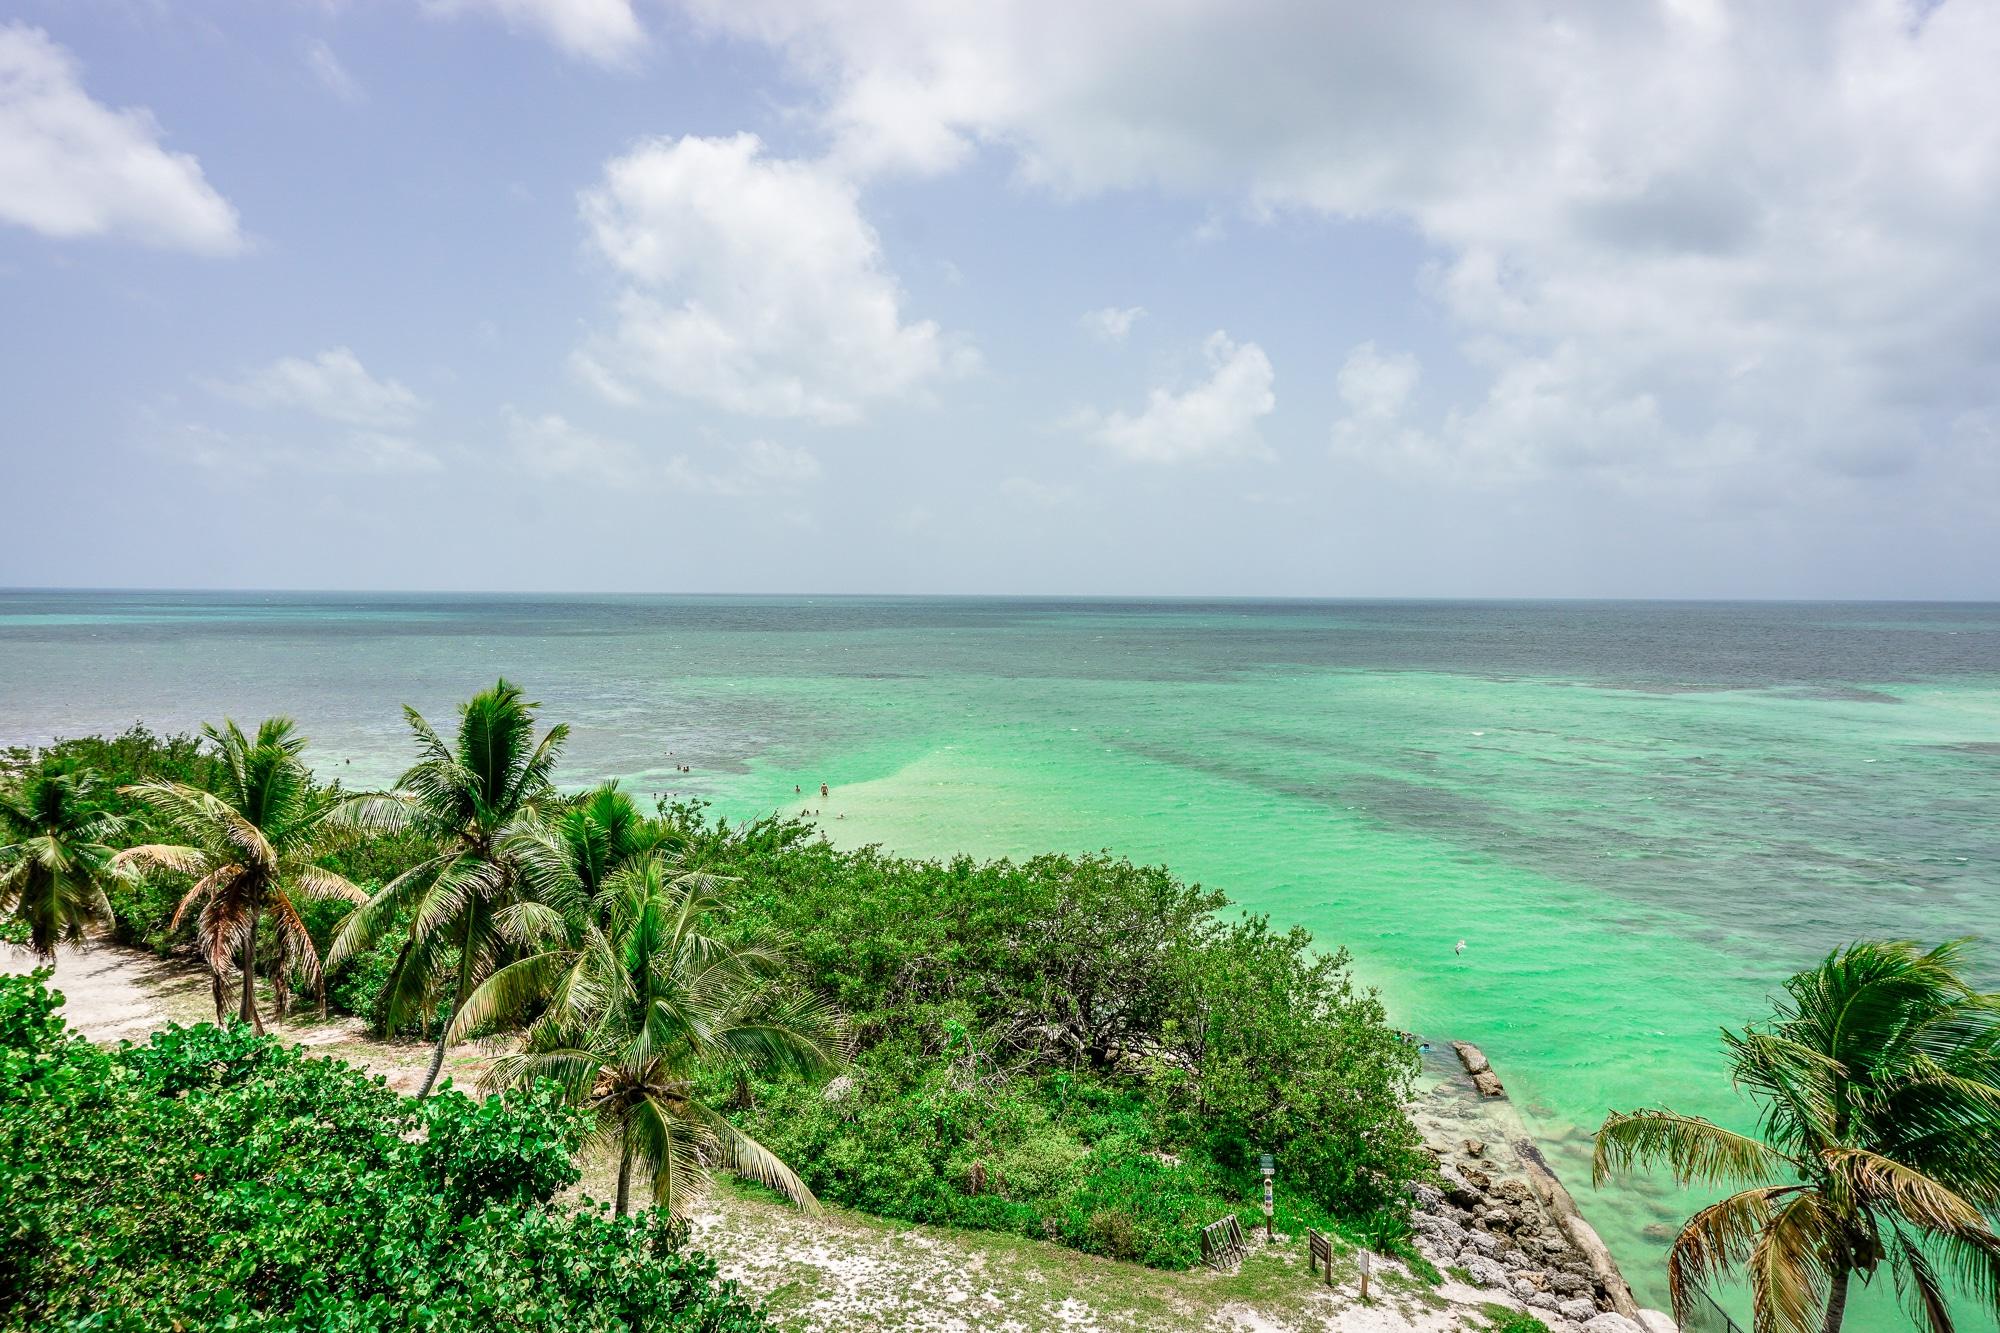 Florida Keys Reise: 20 Dinge, für die du die Inseln lieben wirst